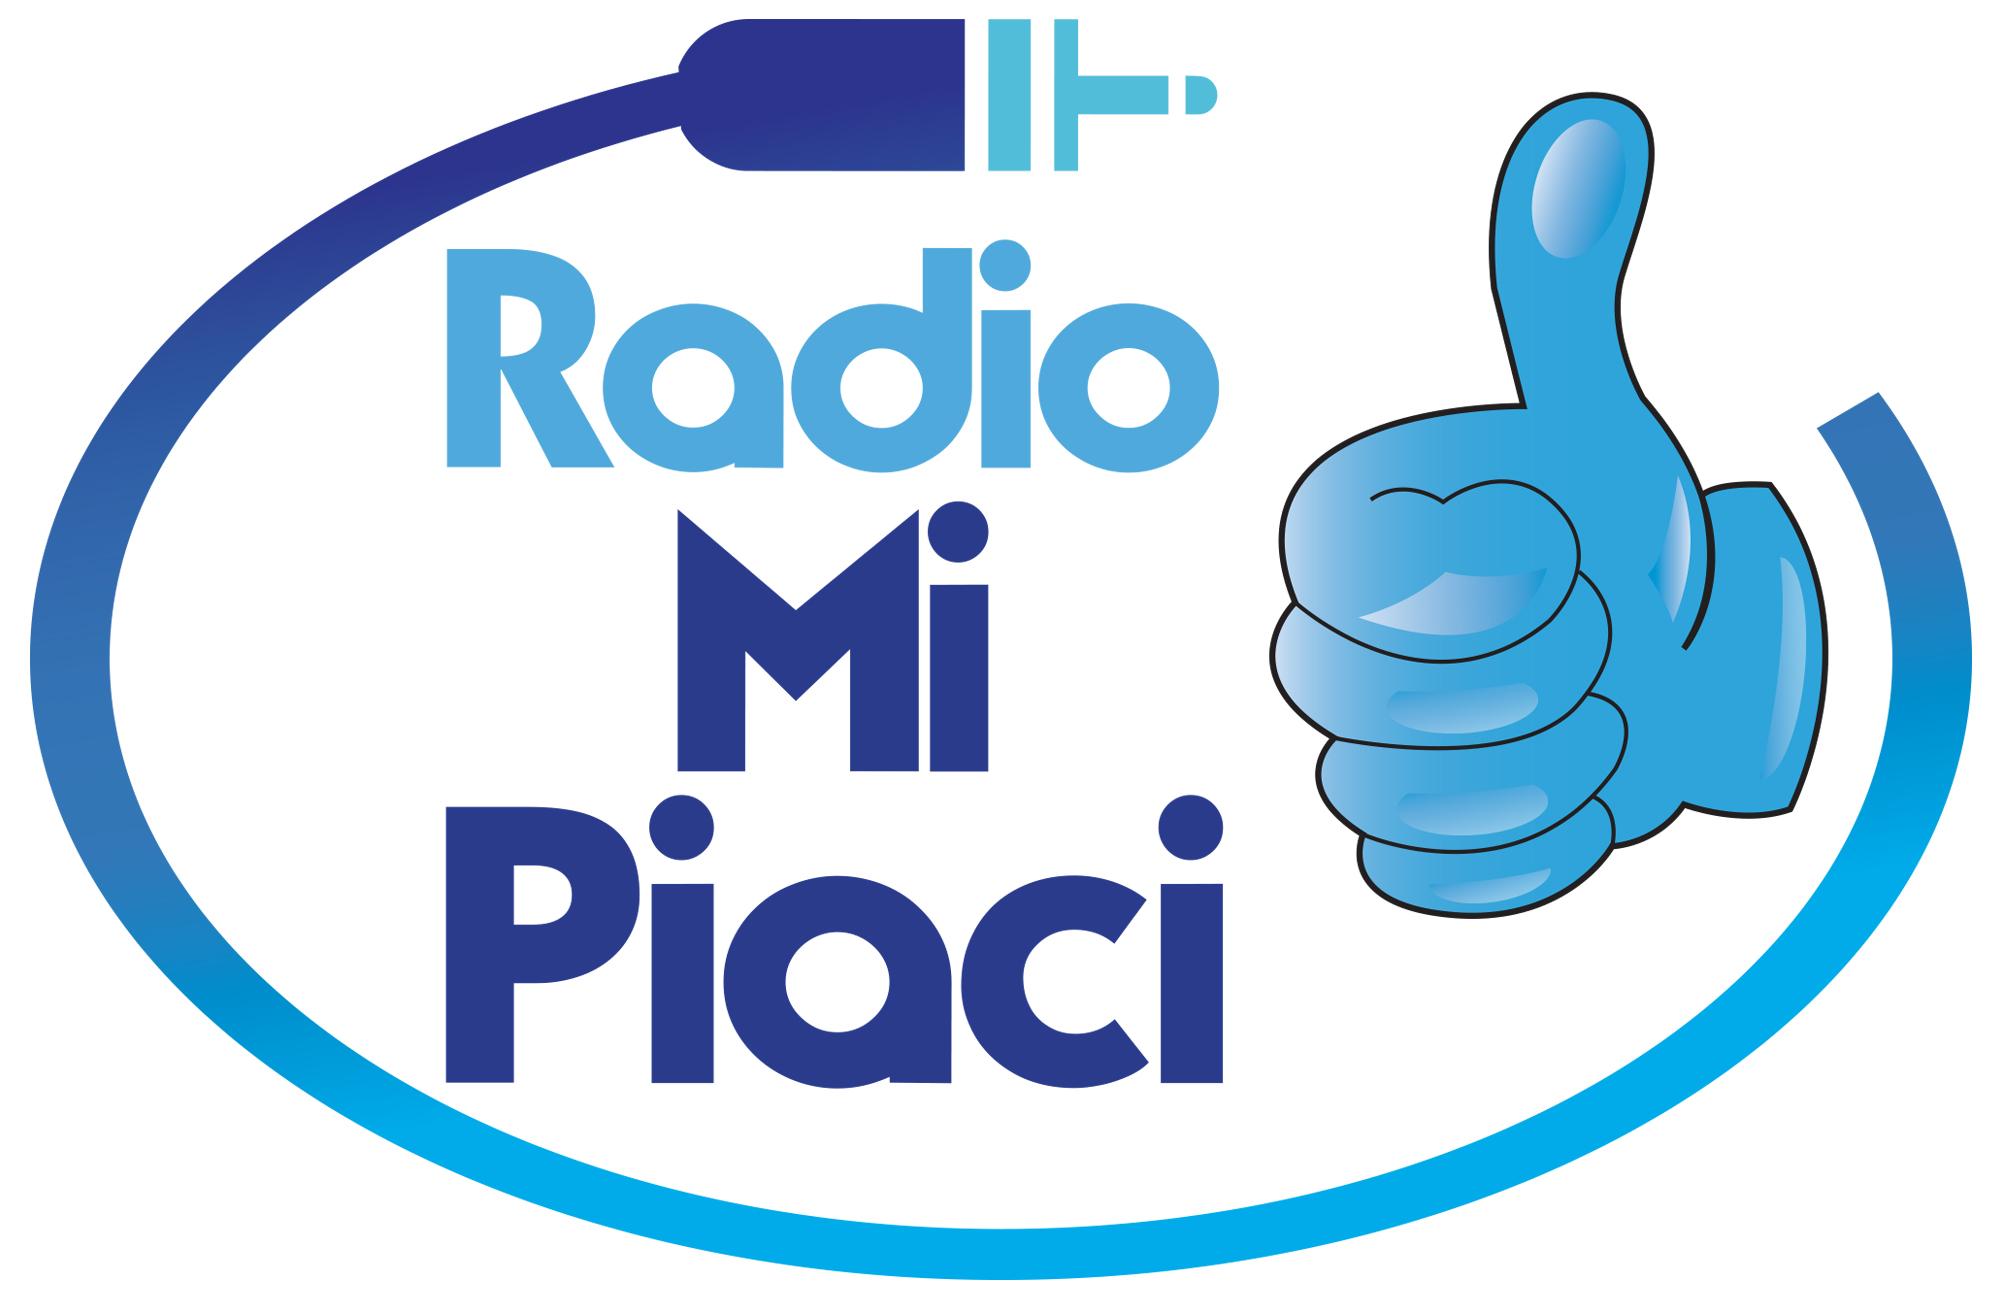 Radio Mi Piaci - Radio locali, Puglia. Stop a L'Altra Radio (Bari) in FM, Like via etere a Radio Mi Piaci